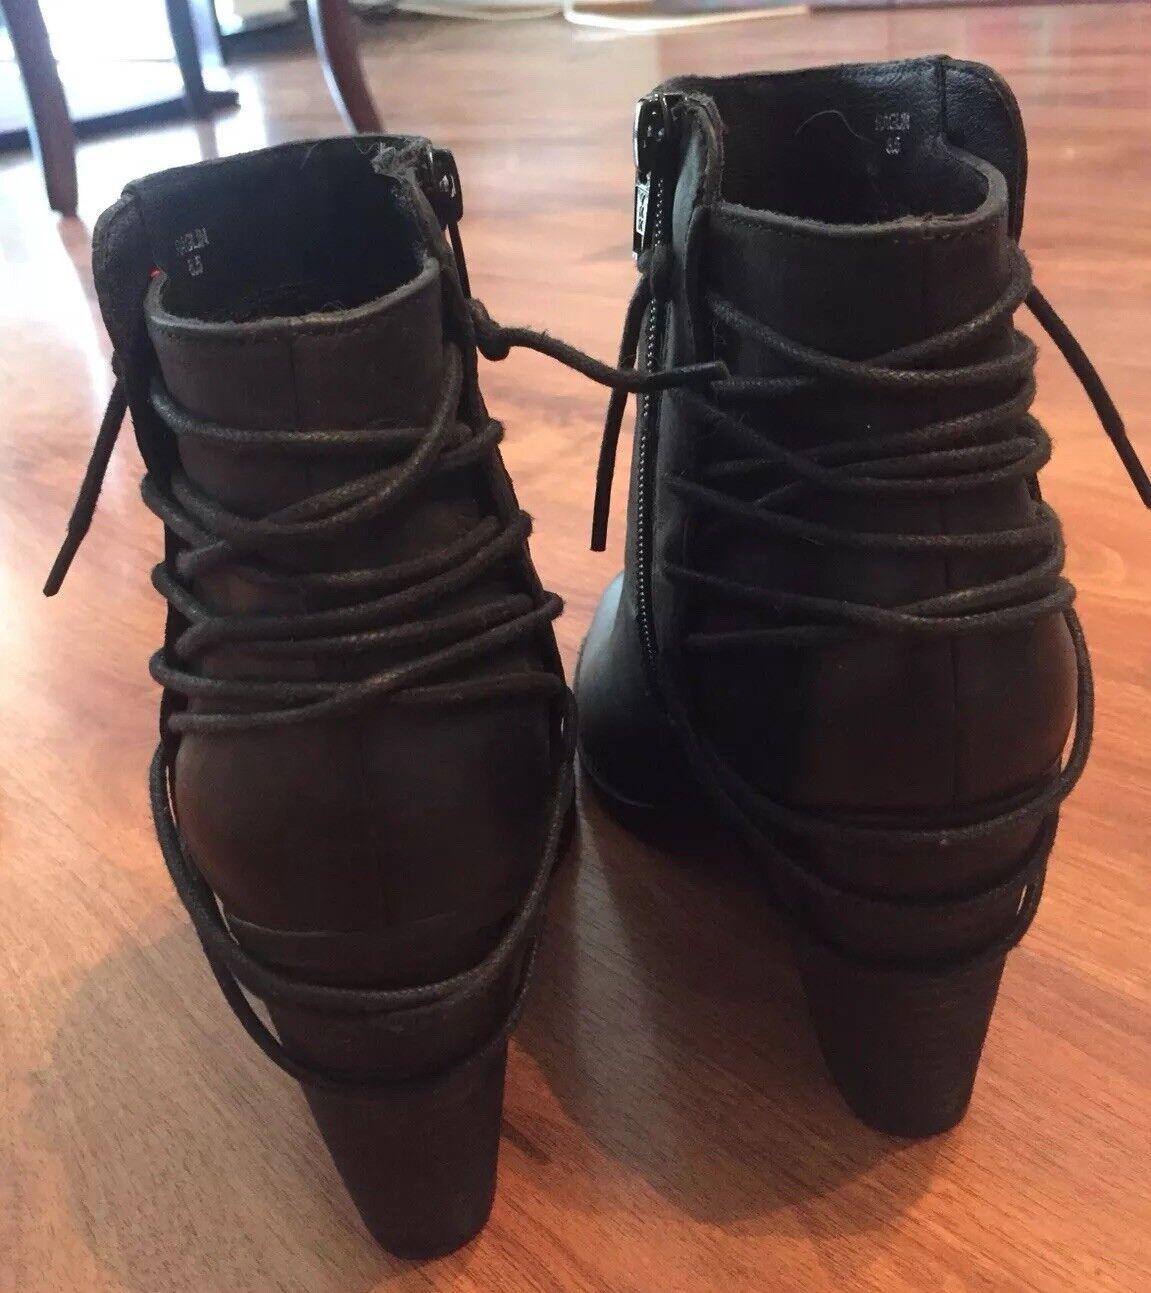 Steve Madden Negro Con Con Negro Cordones Botines De Cuero Talla 8.5 889a43